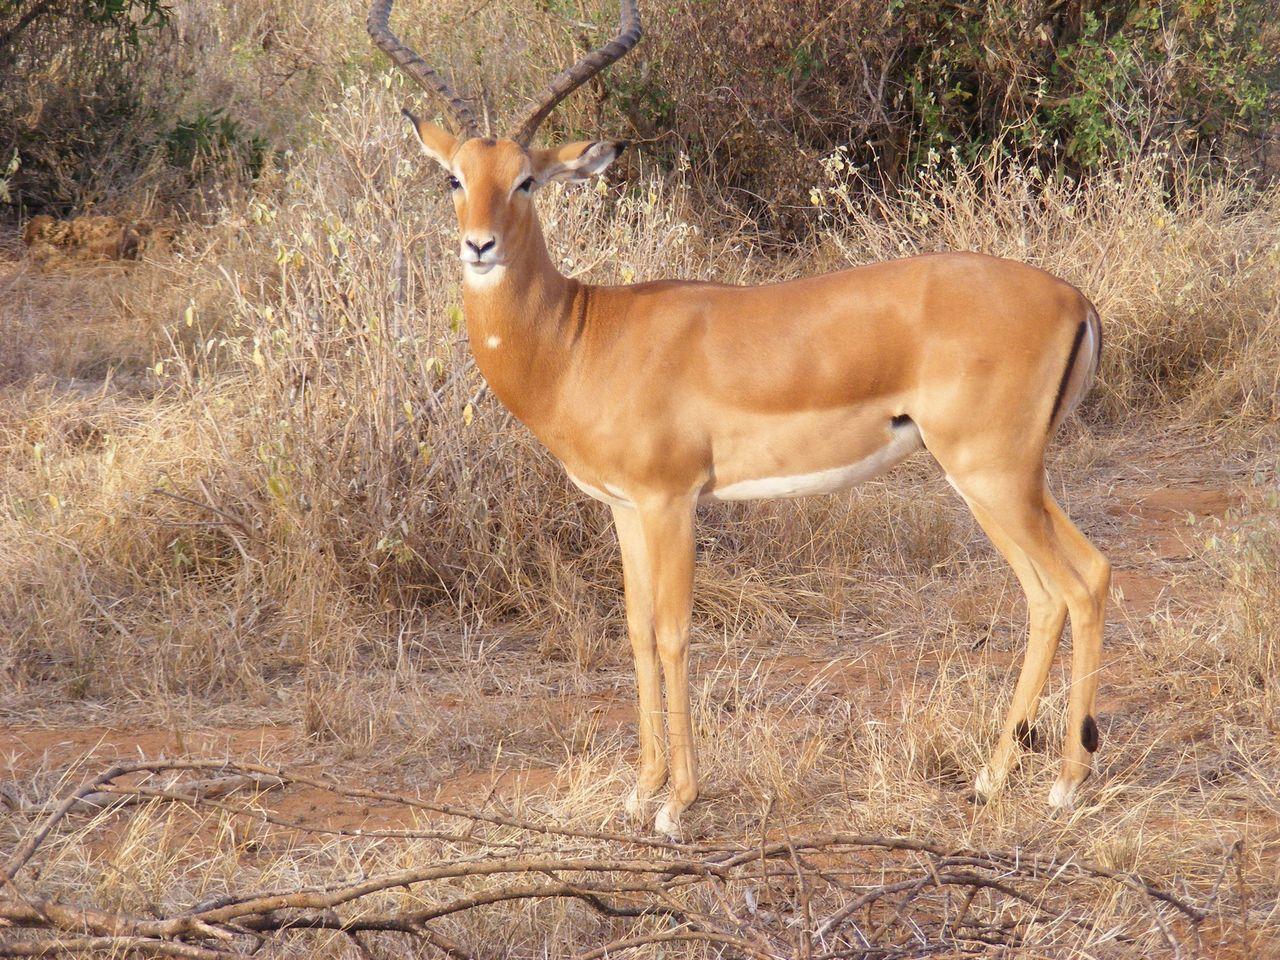 Male Impala Impala Impala Life EyeEm Nature Lover Nature Photography Eye4photography  The Art Of Photography